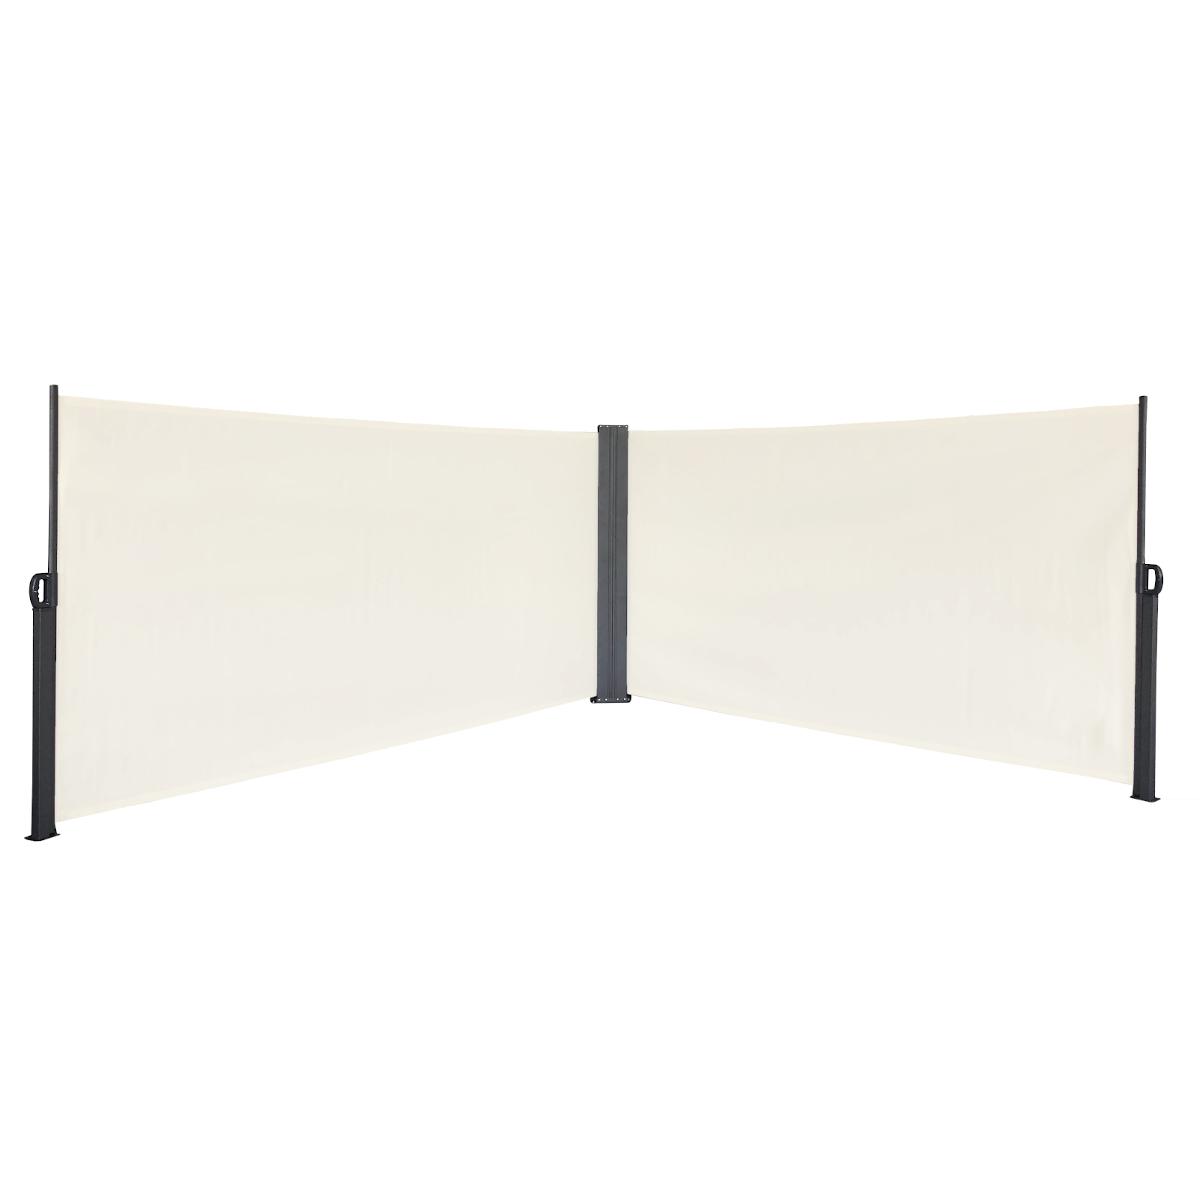 91061 SVITA Doppel Seitenmarkise 600 x 200 cm Beige